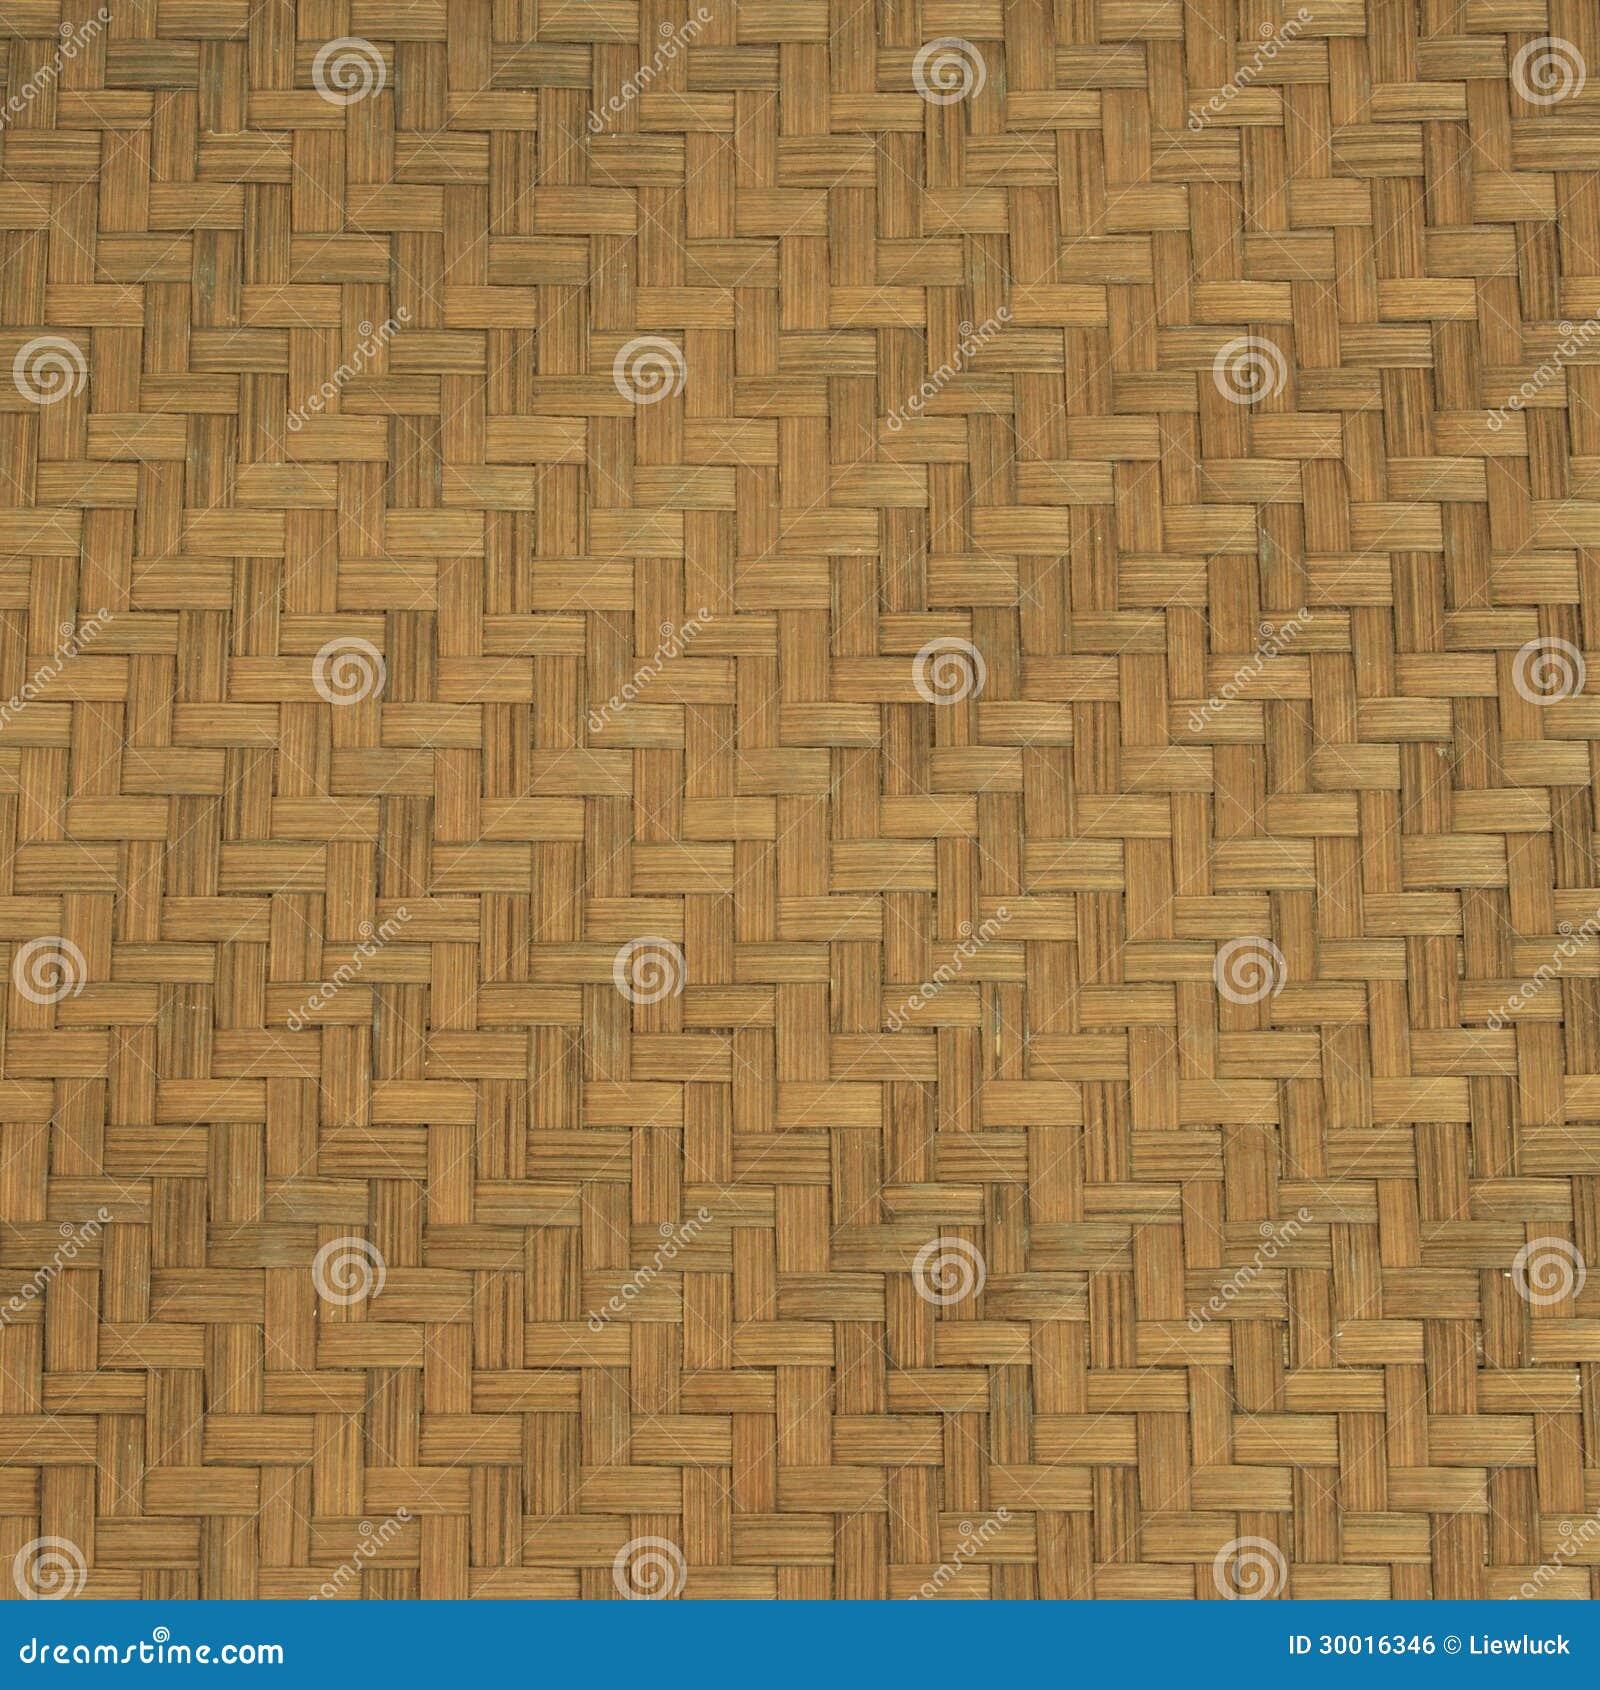 Wicker or rattan